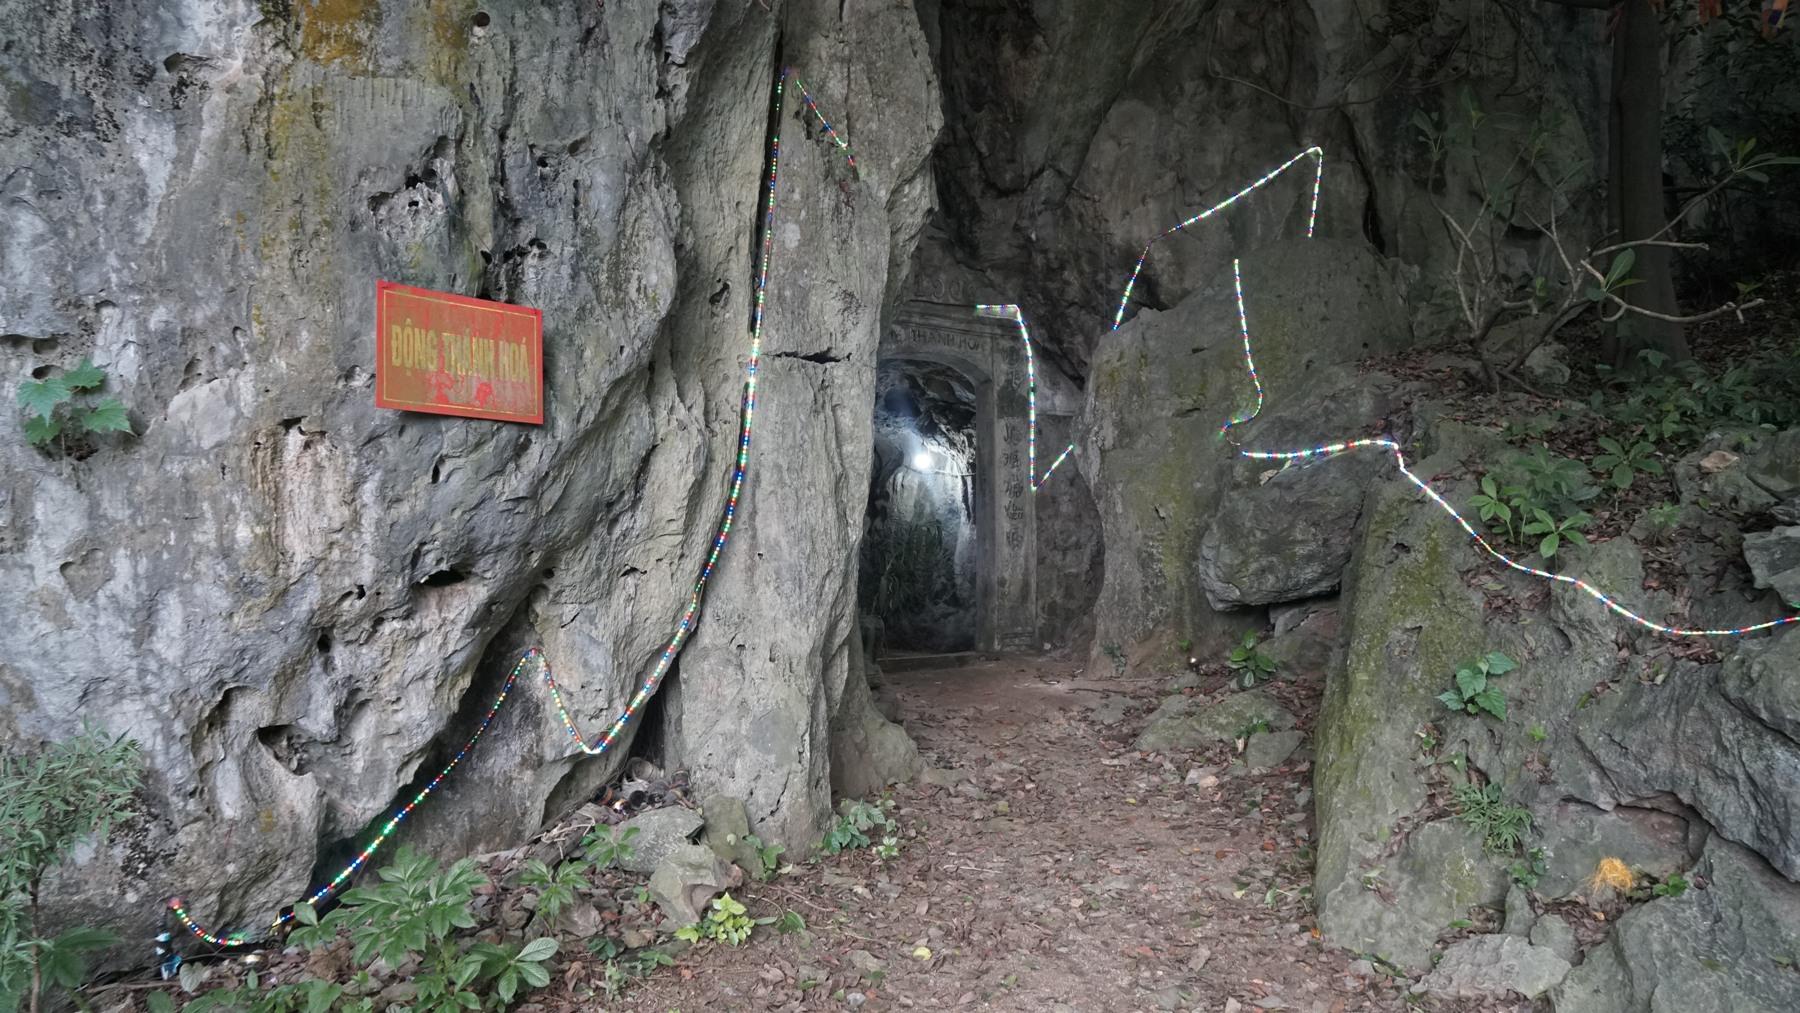 Ngôi chùa kỳ bí chứa cổ vật từ vạn năm trước: Tìm tượng phát hiện dấu tích quý - 1